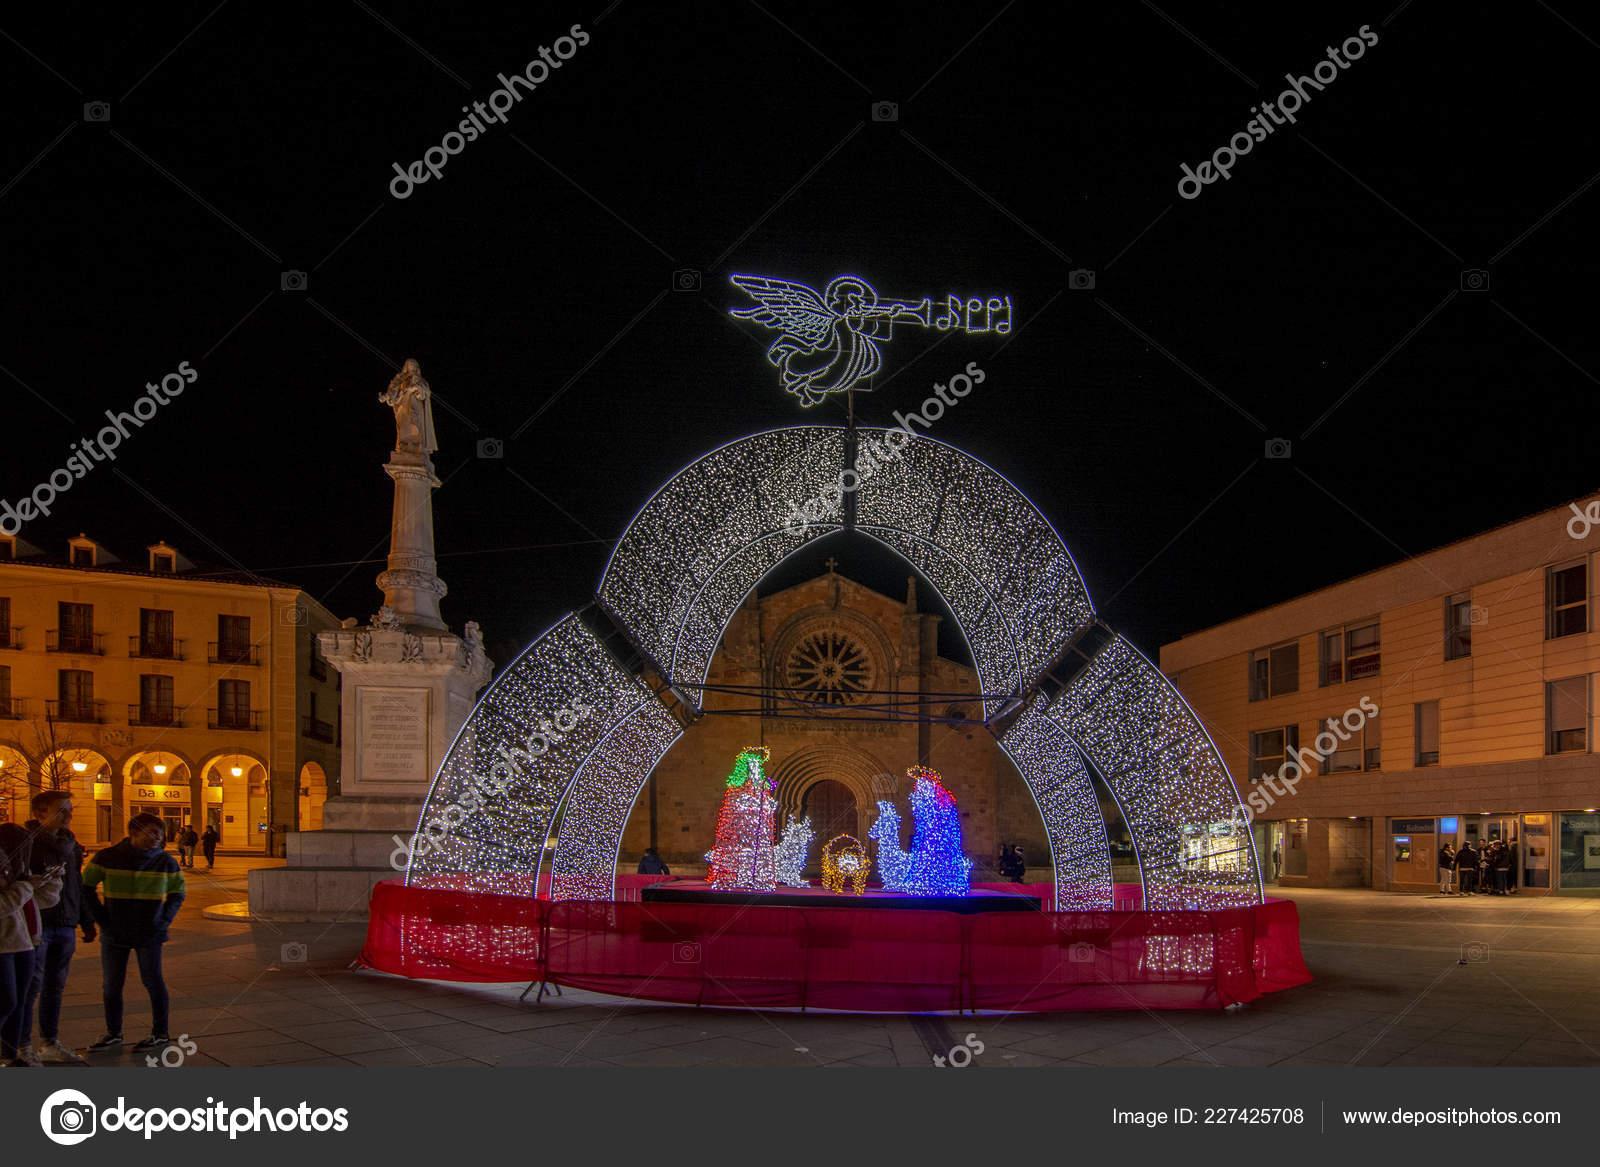 Avila Spain December 2016 Christmas